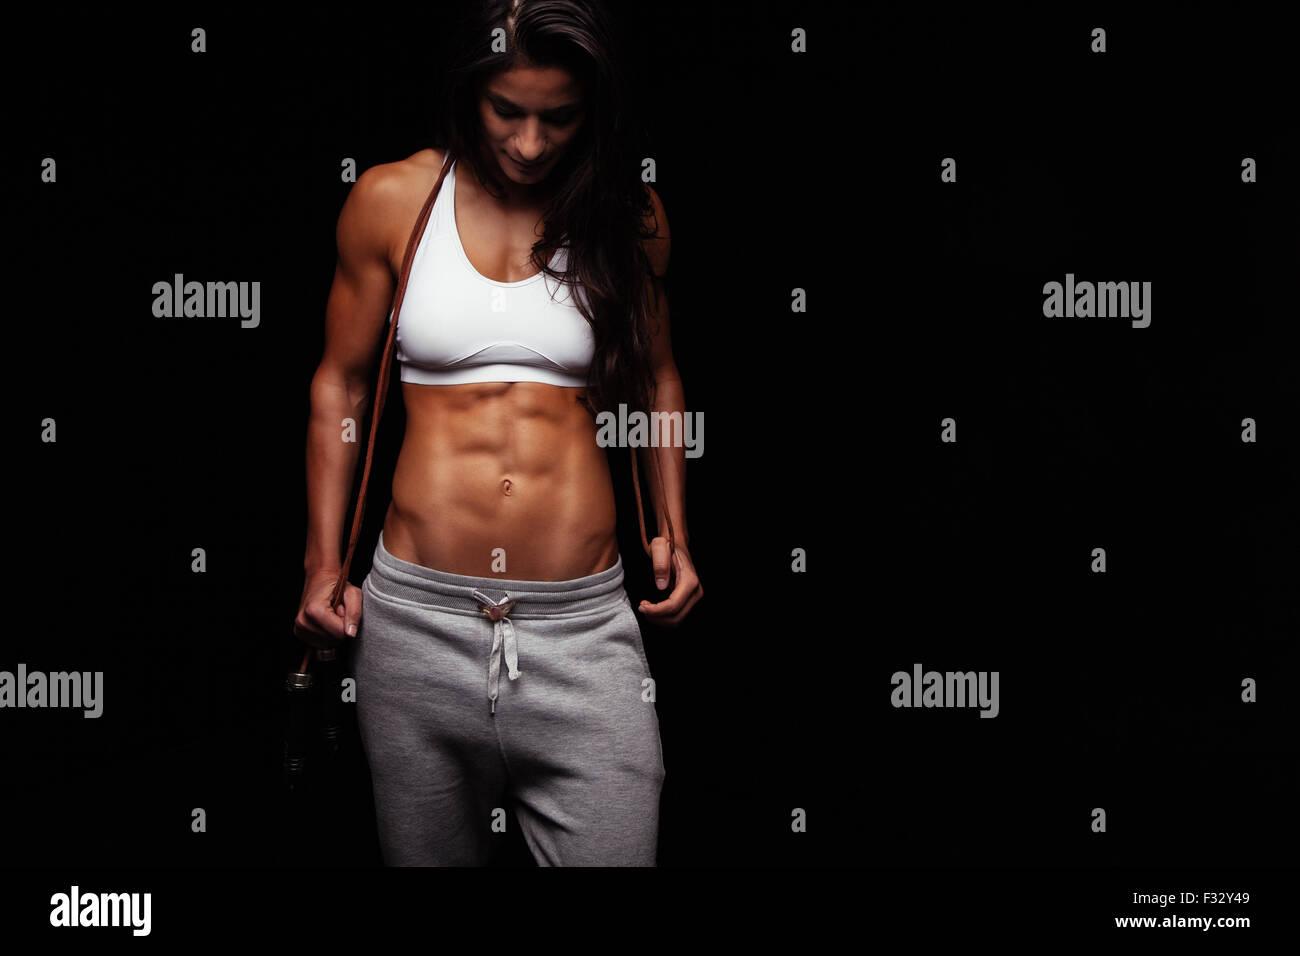 Porträt der muskulöse junge Frau mit einem Springseil. Weibliche Bodybuilder mit Springseil blickte. Stockbild